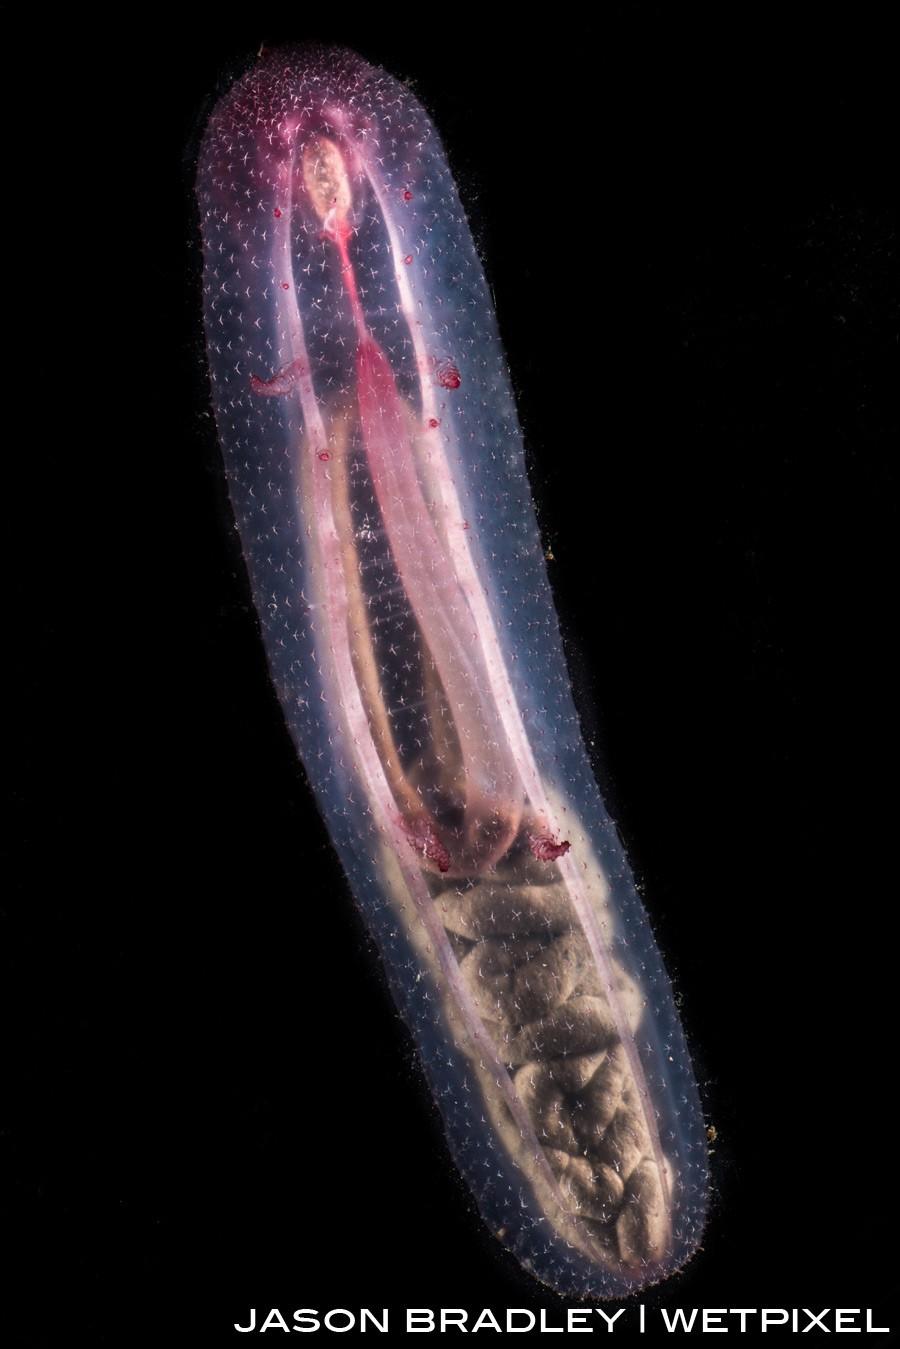 The a transluscent sea cucumber (*Holothuroidea*).